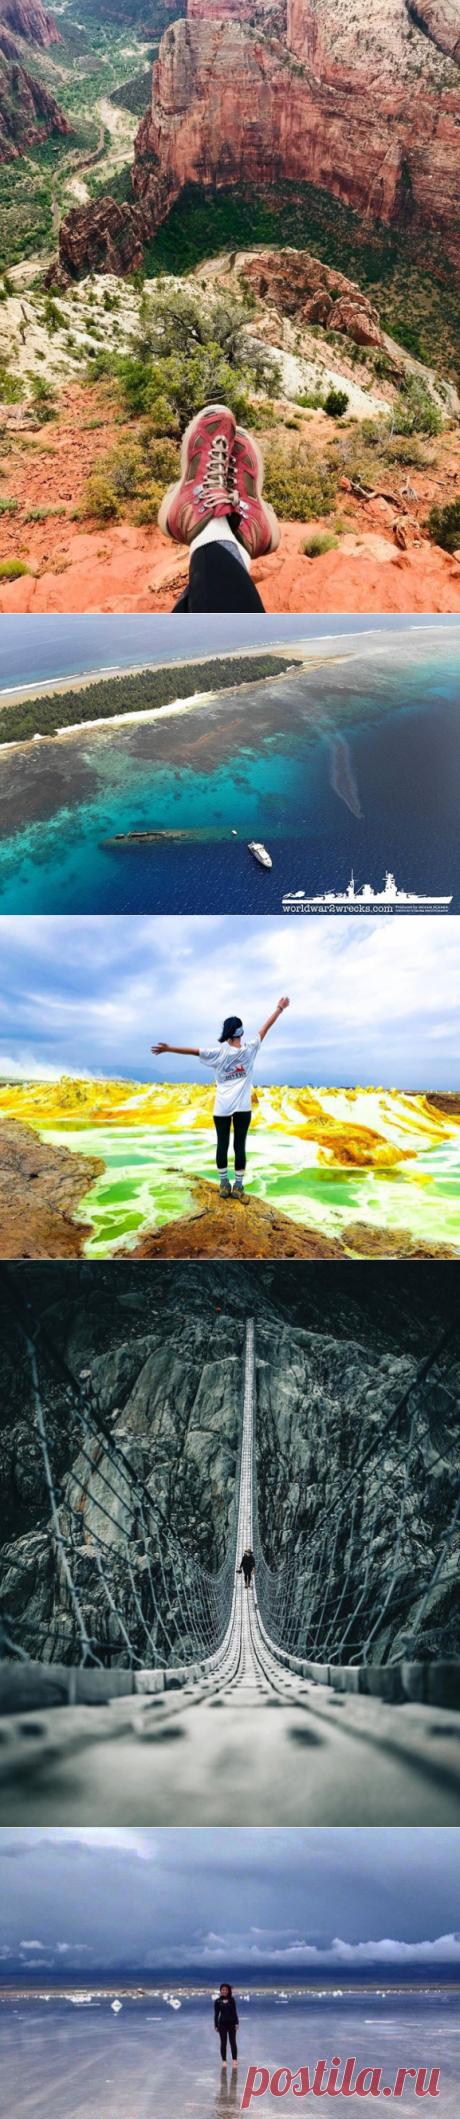 Ещё 9 достопримечательностей, ради которых туристы всего мира рискуют жизнью / Туристический спутник